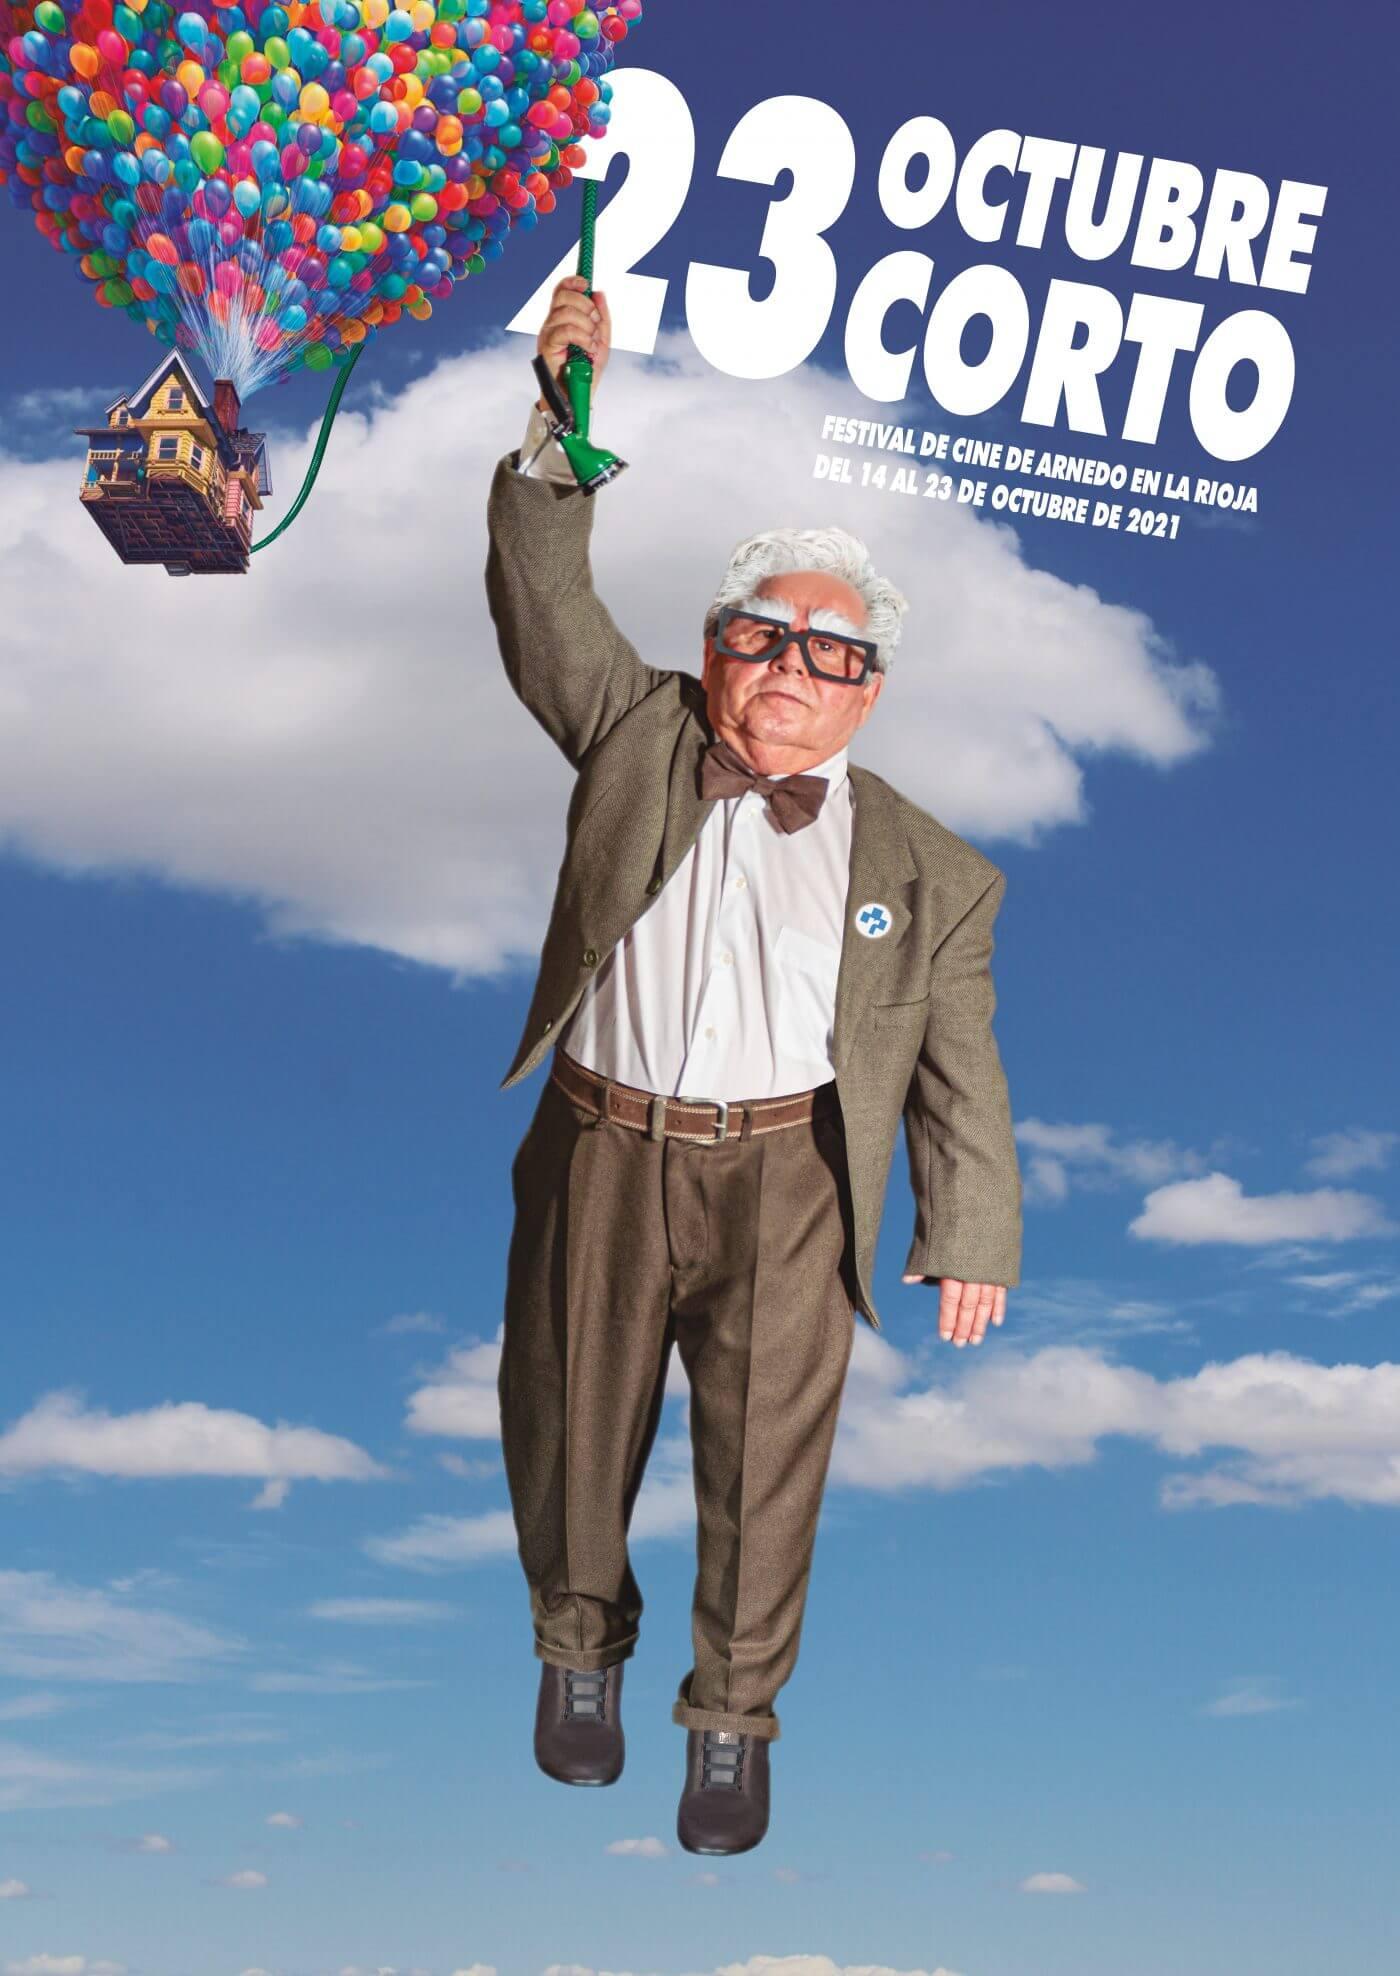 El festival 'Octubre Corto' de Arnedo homenajea a las personas mayores con el cartel de su 23ª edición, inspirado en la película de animación 'UP'